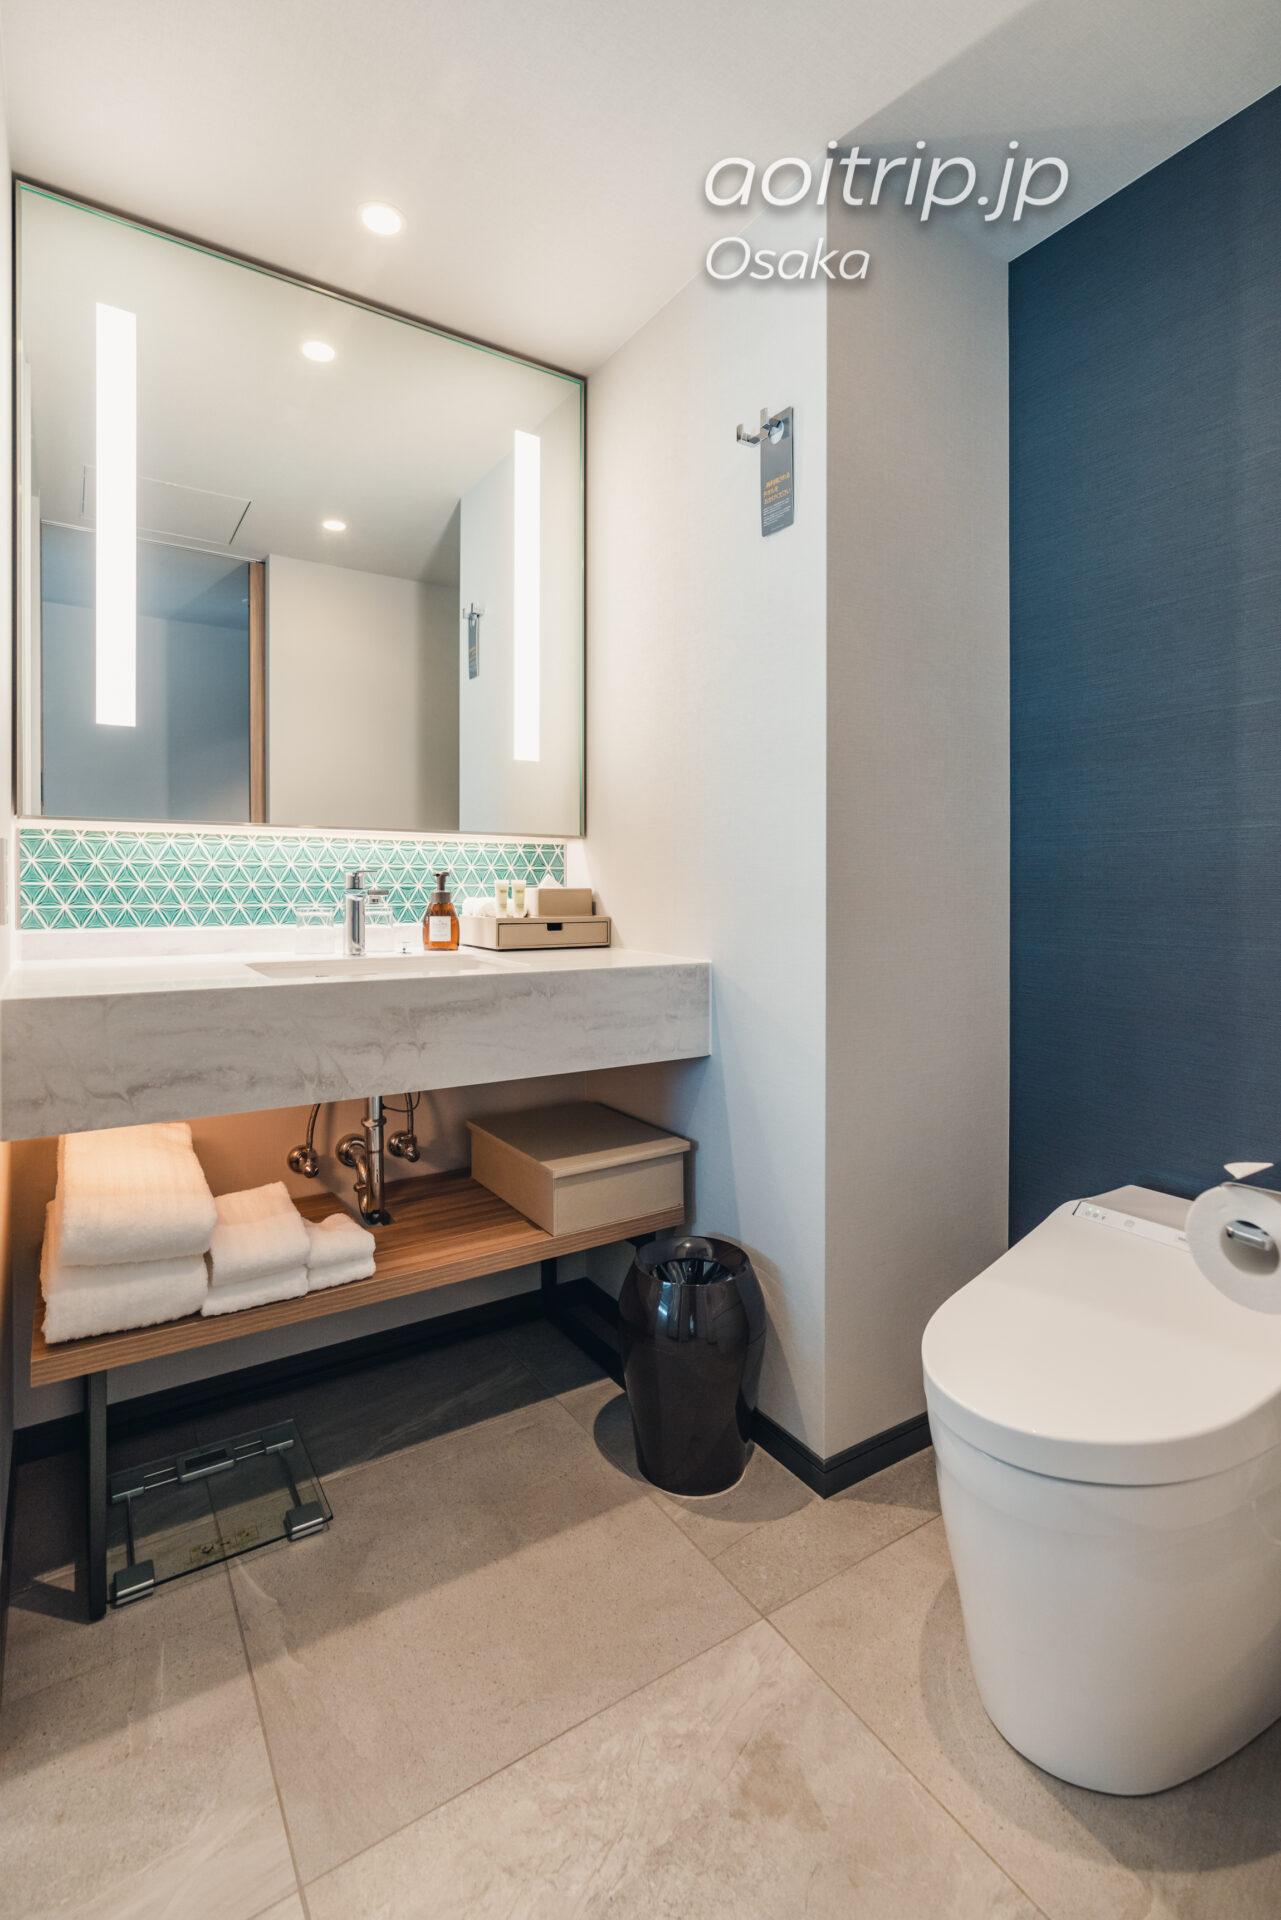 コートヤード バイ マリオット大阪本町|Courtyard Osaka Honmachi ビューキング(シャワーのみ) 高層階 View King Shower only Guest room, 1 King, City view, High floor バスルーム